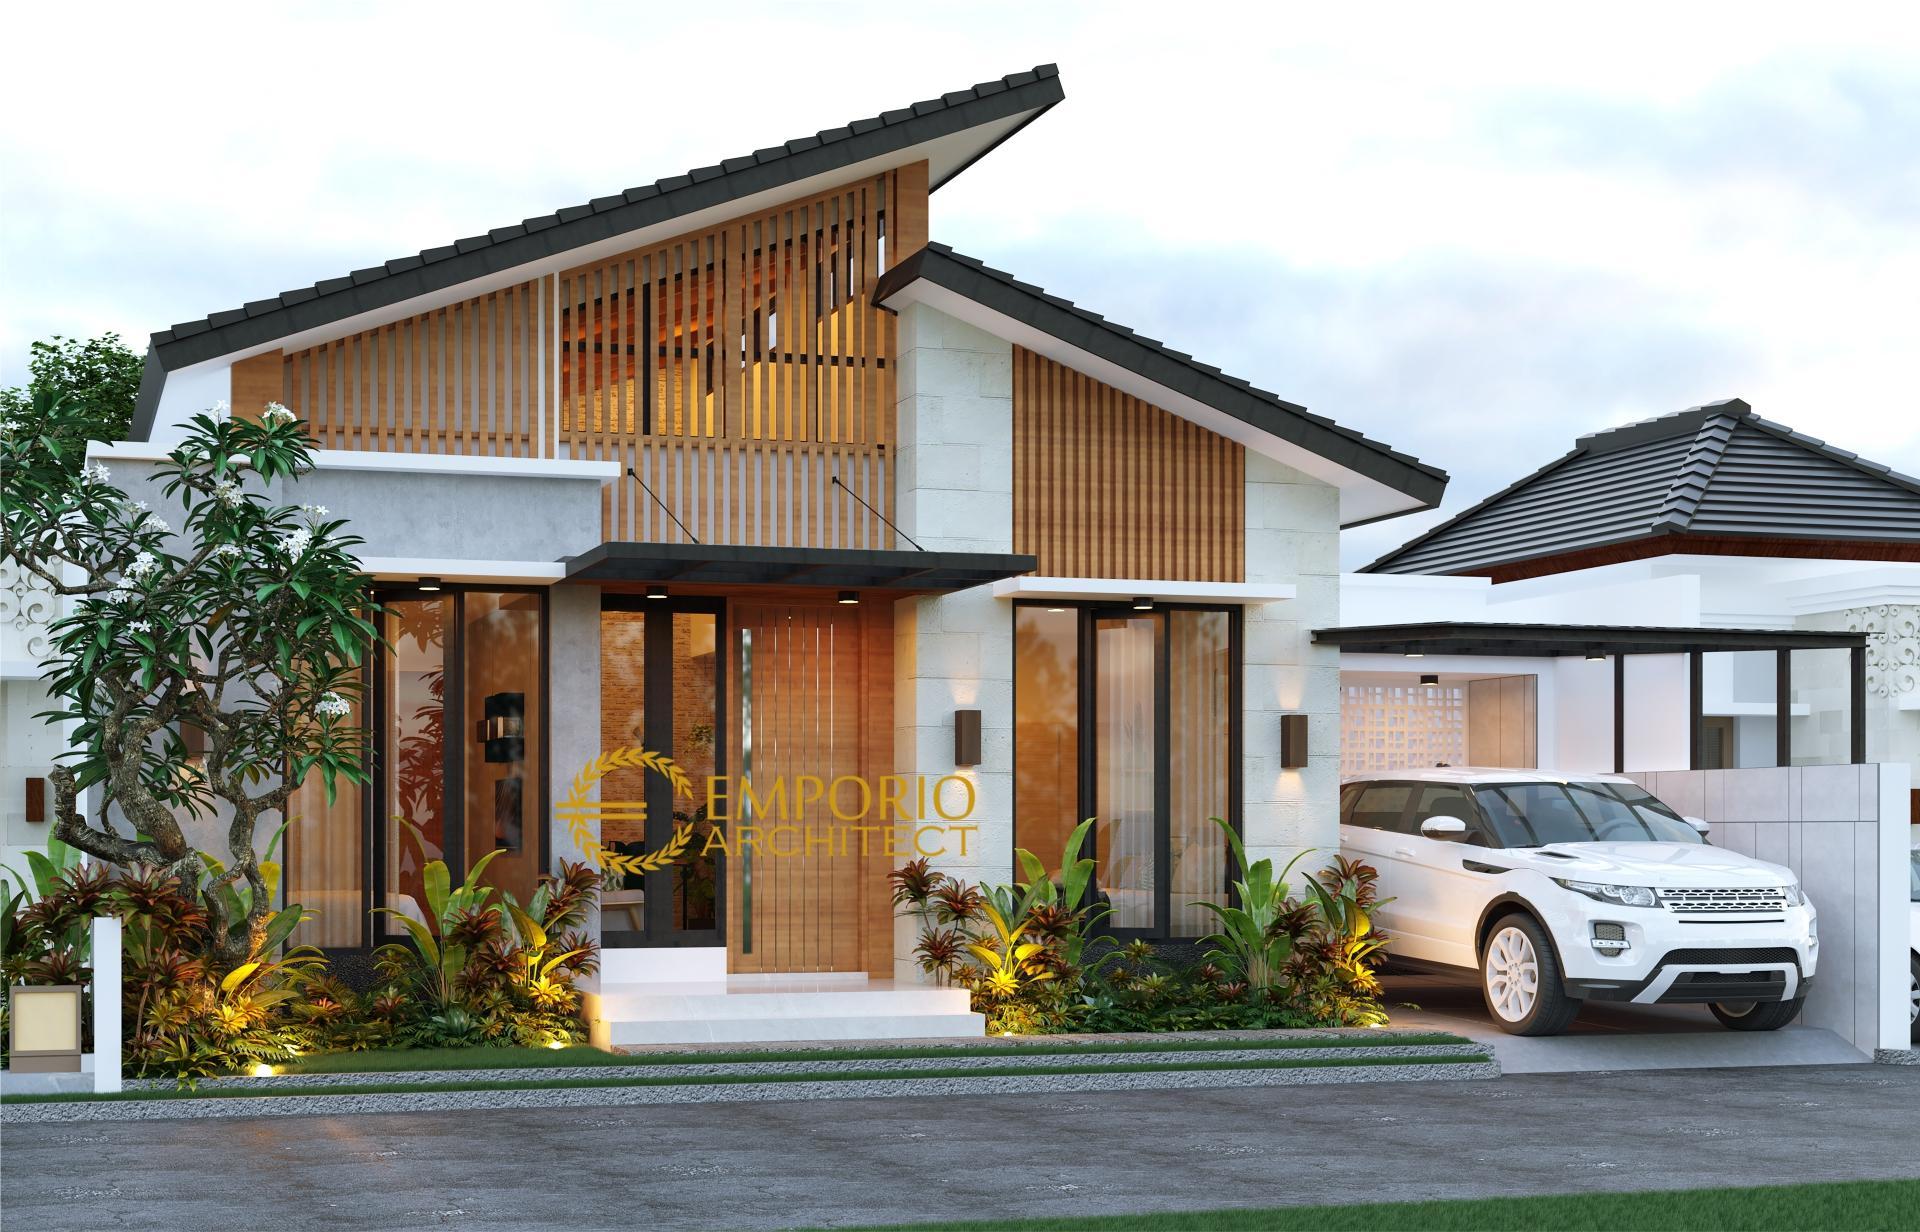 Desain Rumah Modern 1 Lantai Bapak Annas di Jepara, Jawa Tengah